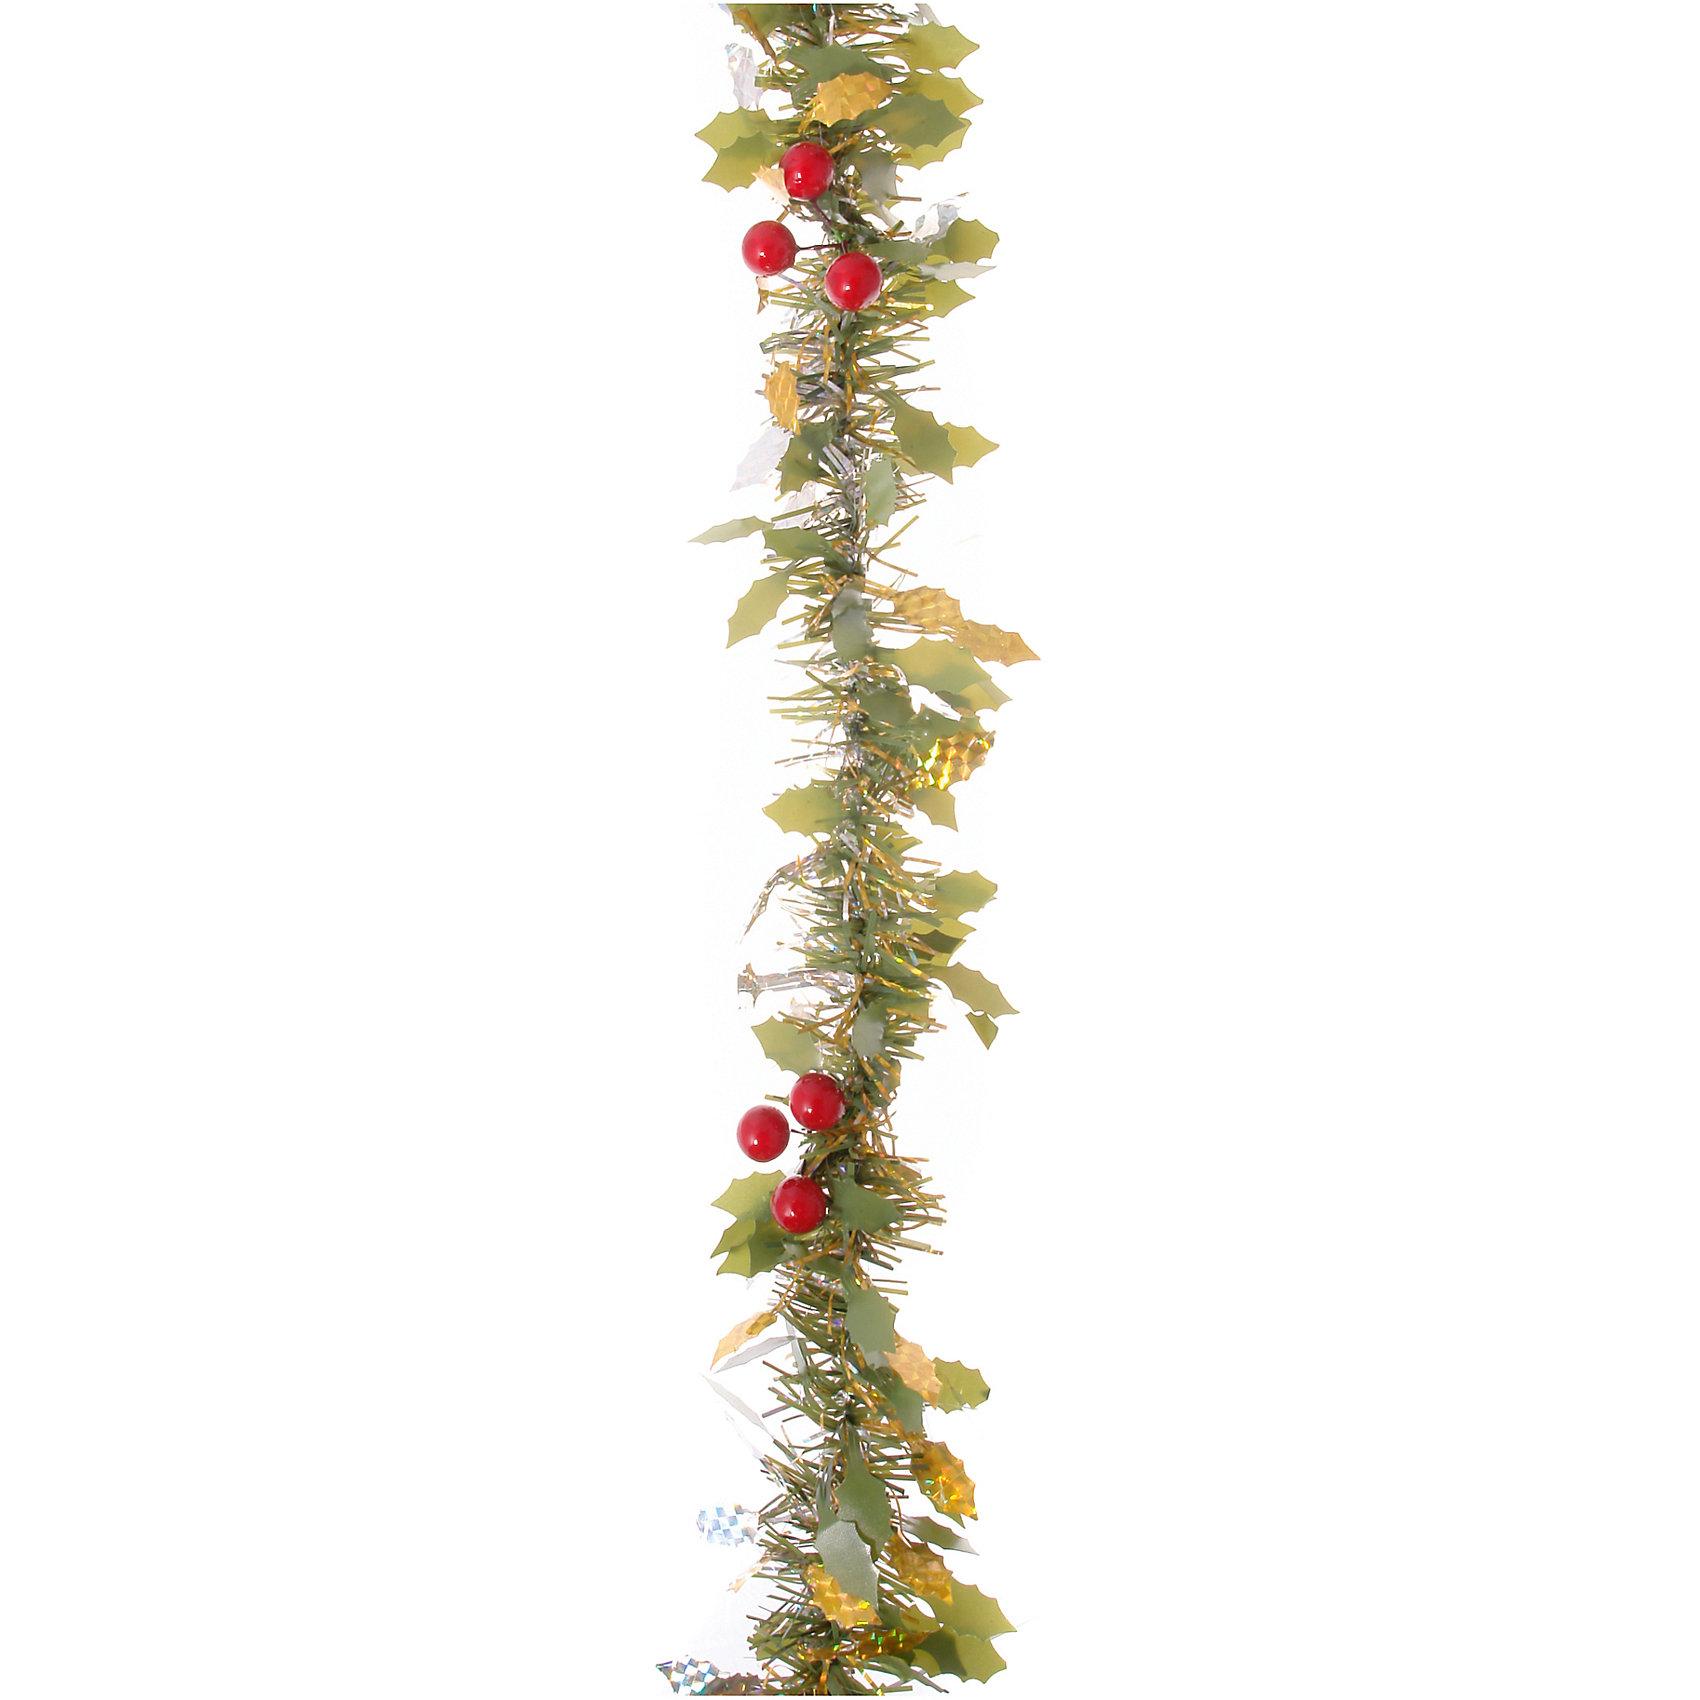 Зеленая с золотым мишура 2,7 мЗеленая с золотым мишура, Волшебная страна, станет замечательным украшением Вашей новогодней елки или интерьера и поможет создать праздничную волшебную атмосферу. Мишура состоит из четырех слоев, выполнена в красивых зеленых и золотистых цветах и декорирована листиками и ягодками. Она будет чудесно смотреться на елке и радовать детей и взрослых. <br><br>Дополнительная информация:<br><br>- Цвет: зеленый+золото.<br>- Материал: лавсан.<br>- Размер мишуры: 10 см. х 2,7 м.<br>- Вес: 93 гр. <br><br>Зеленую с золотым мишуру, Волшебная страна, можно купить в нашем интернет-магазине.<br><br>Ширина мм: 2700<br>Глубина мм: 100<br>Высота мм: 100<br>Вес г: 82<br>Возраст от месяцев: 36<br>Возраст до месяцев: 2147483647<br>Пол: Унисекс<br>Возраст: Детский<br>SKU: 4288631